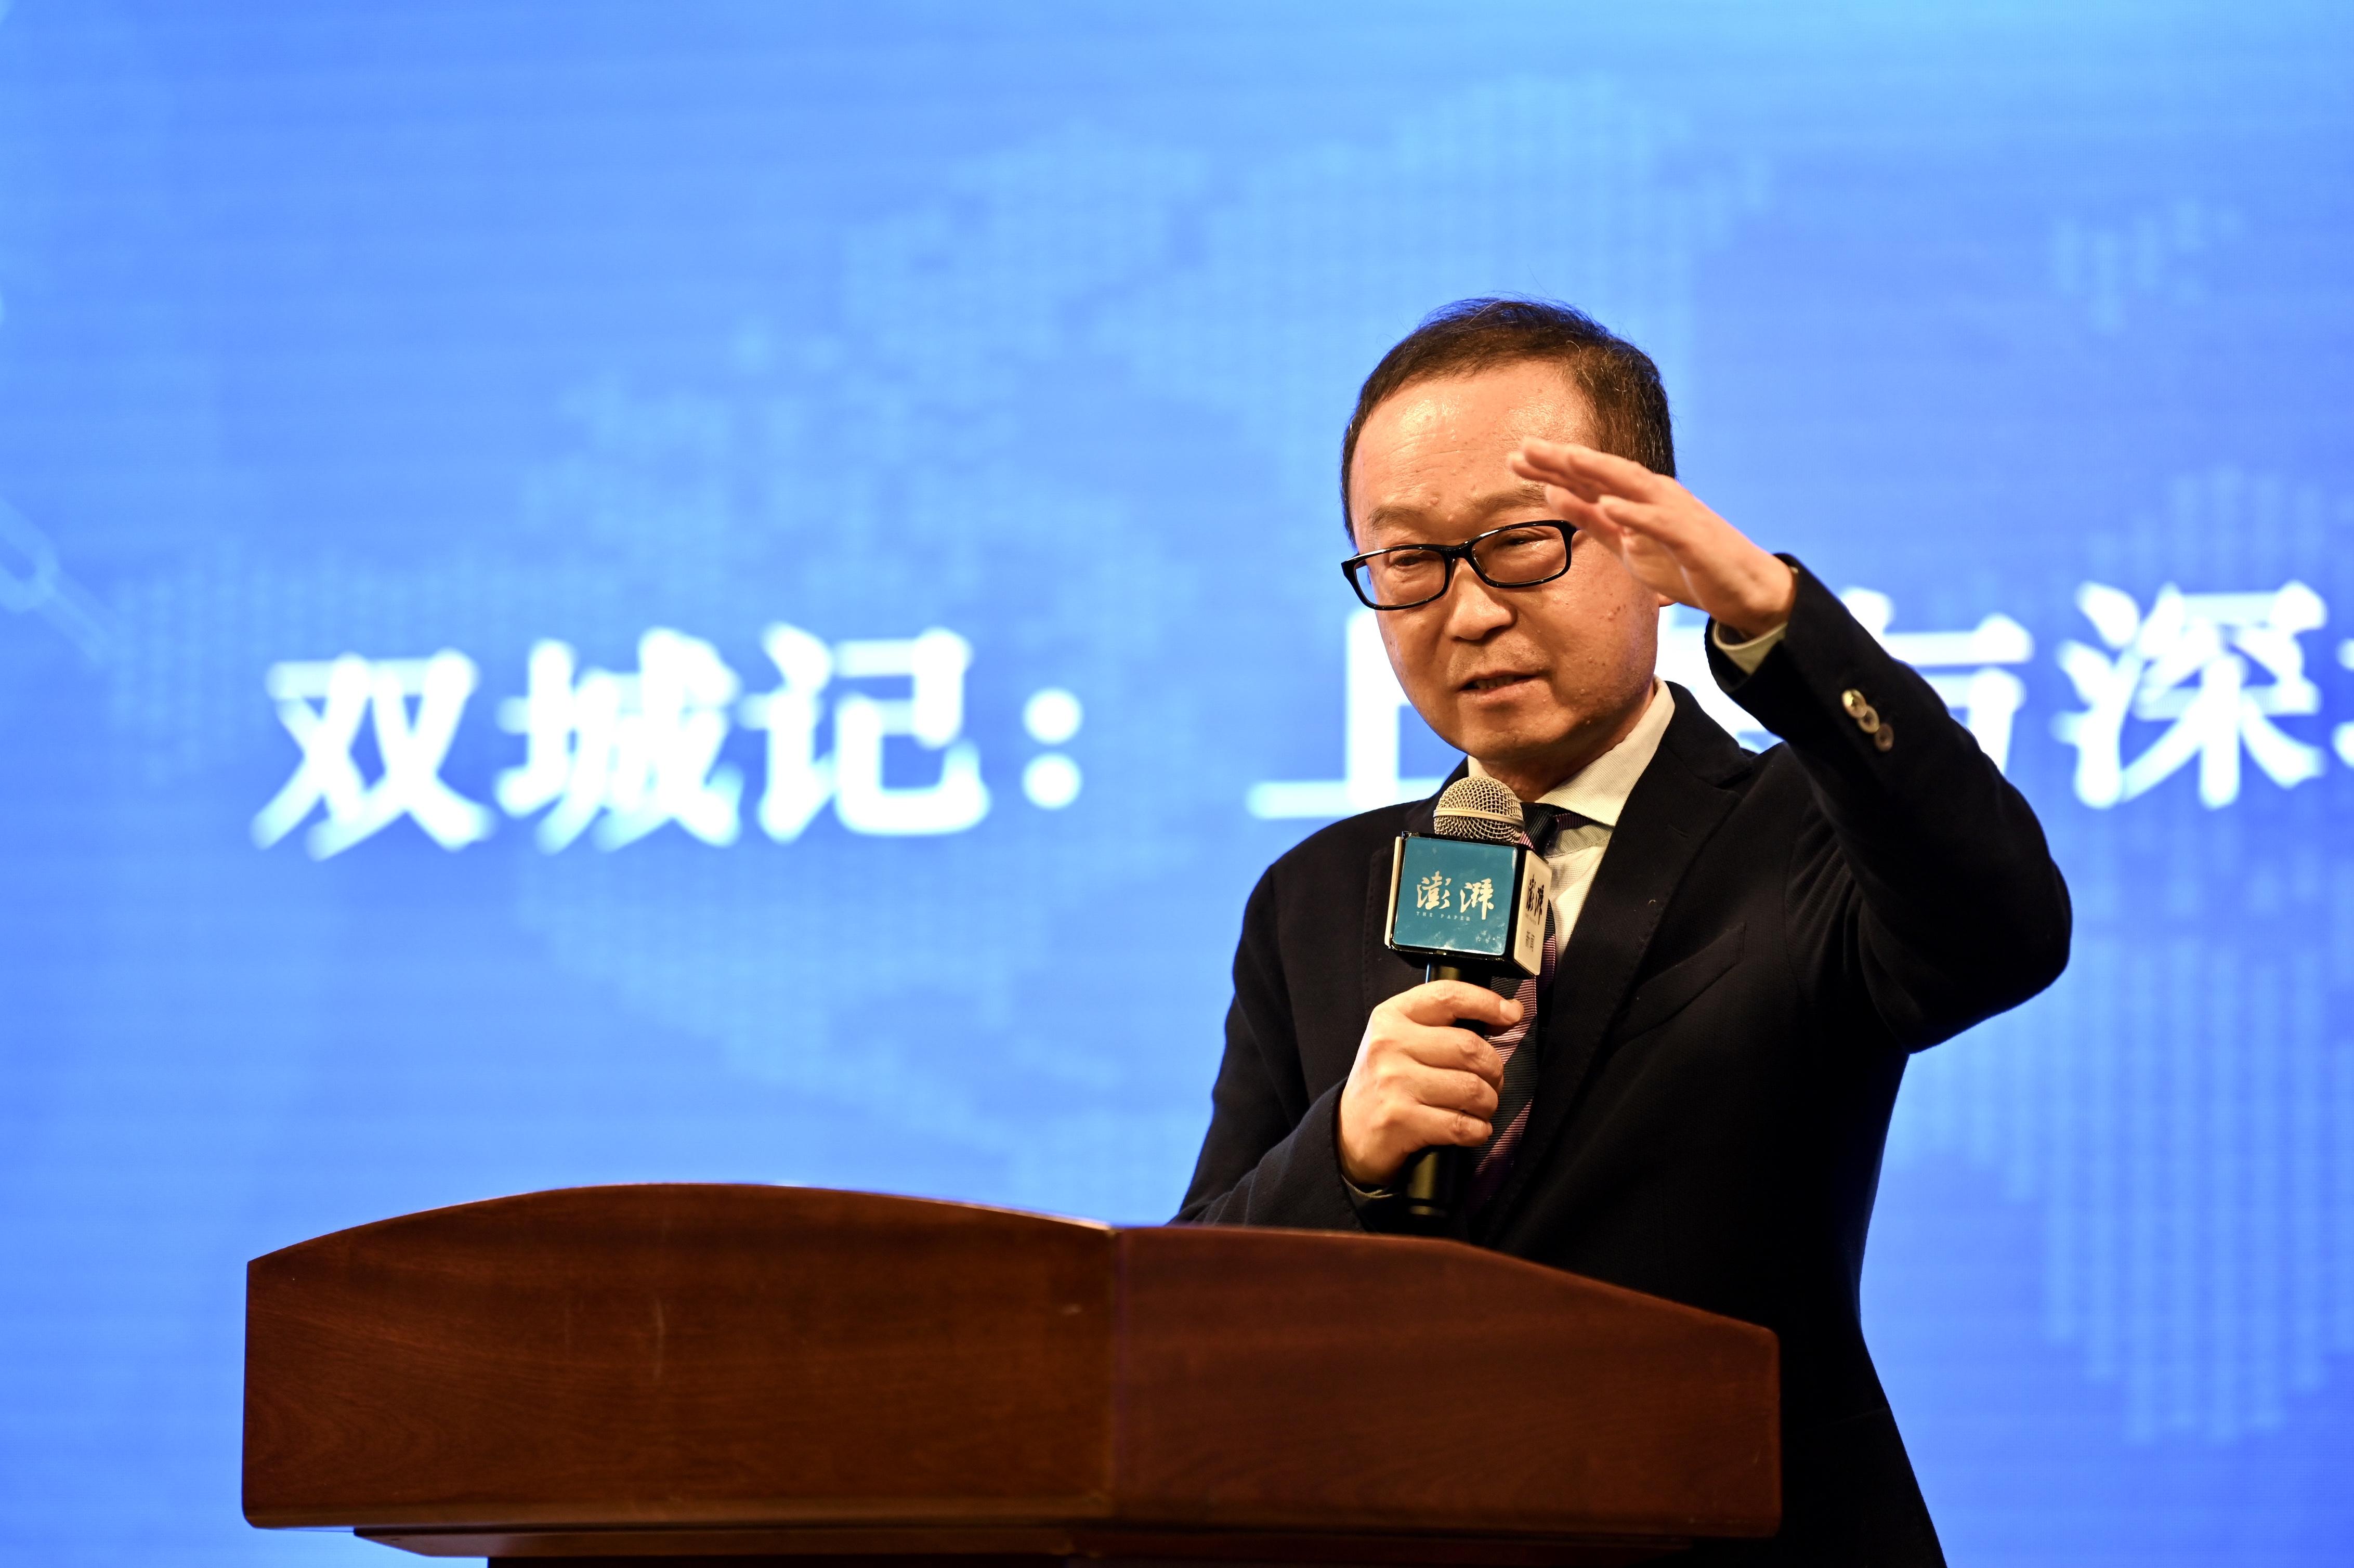 复旦大学经济学院院长张军。澎湃新闻 孙湛 图